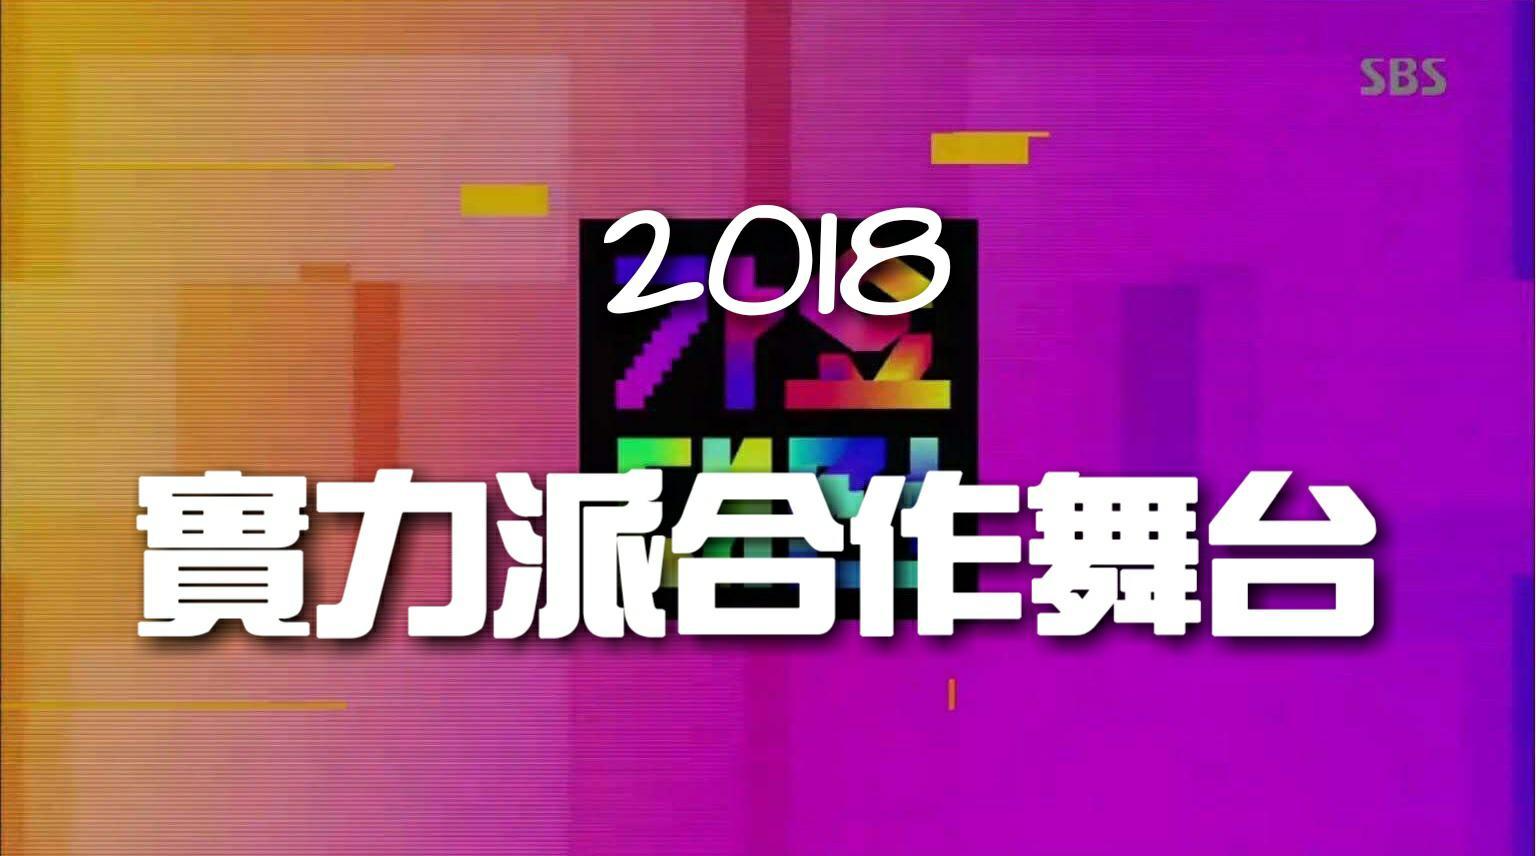 【韓流特輯】2018 新年蹦出新滋味~實力派合作舞台!!!!!